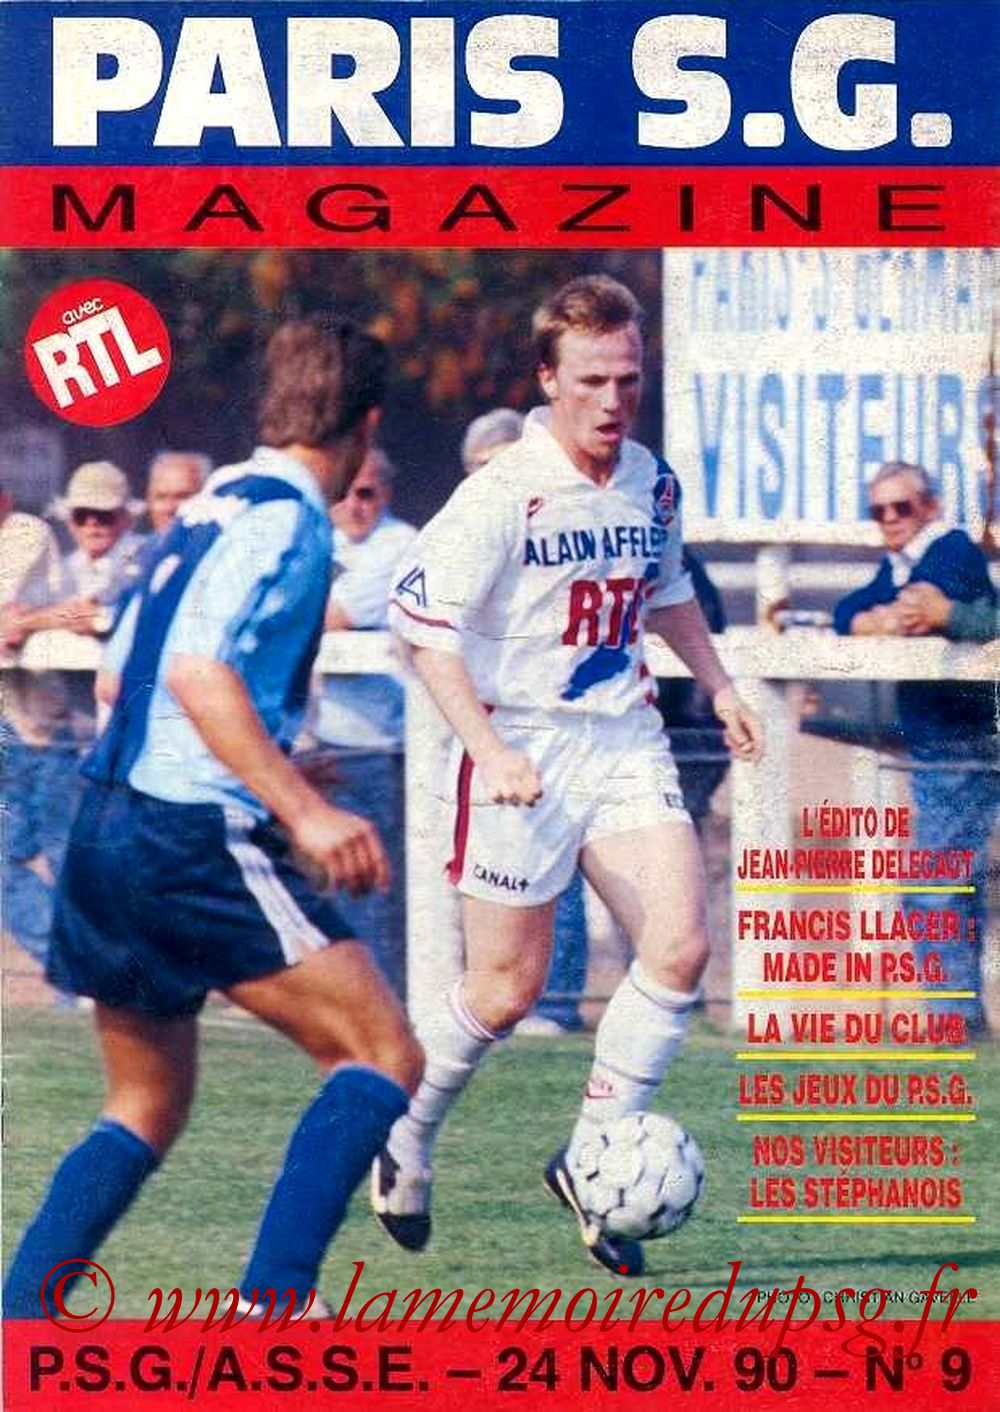 1990-11-24  PSG-Saint Etienne  (17ème D1, Paris SG Magazine N°9)